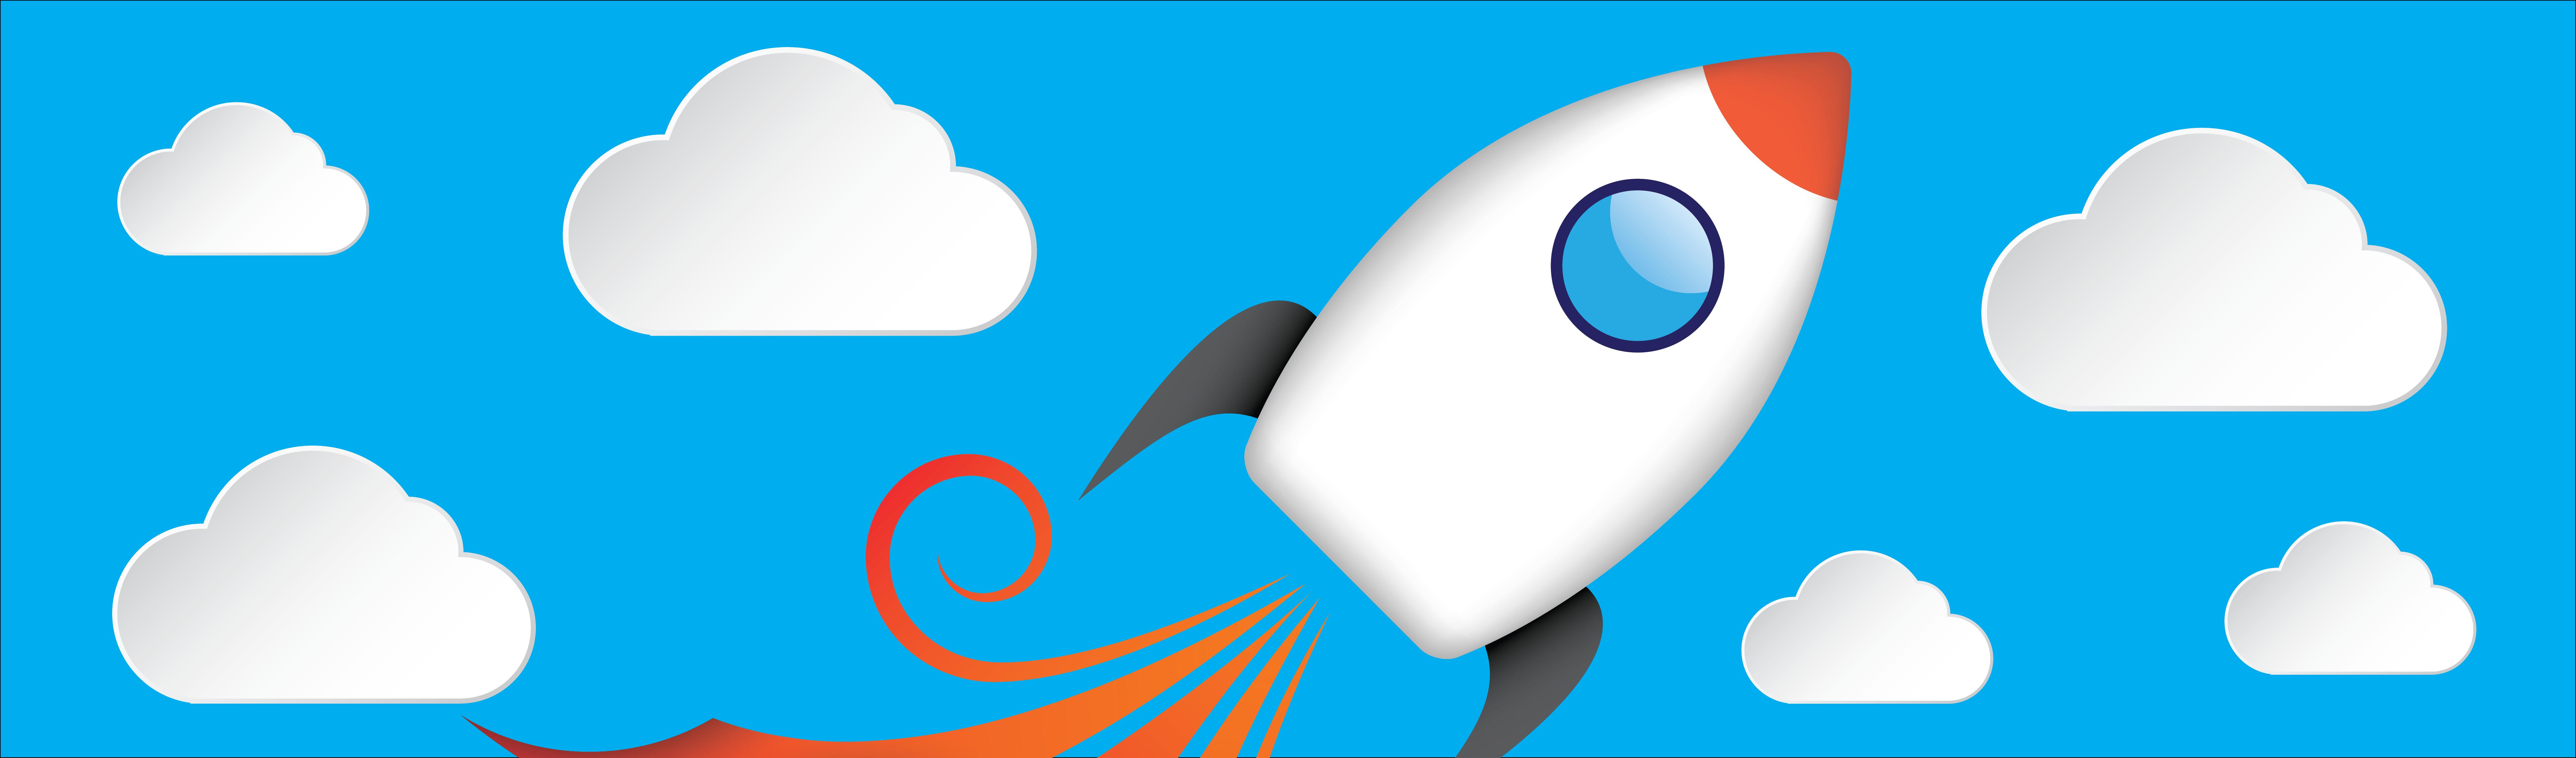 LaunchTech_Header-01.png